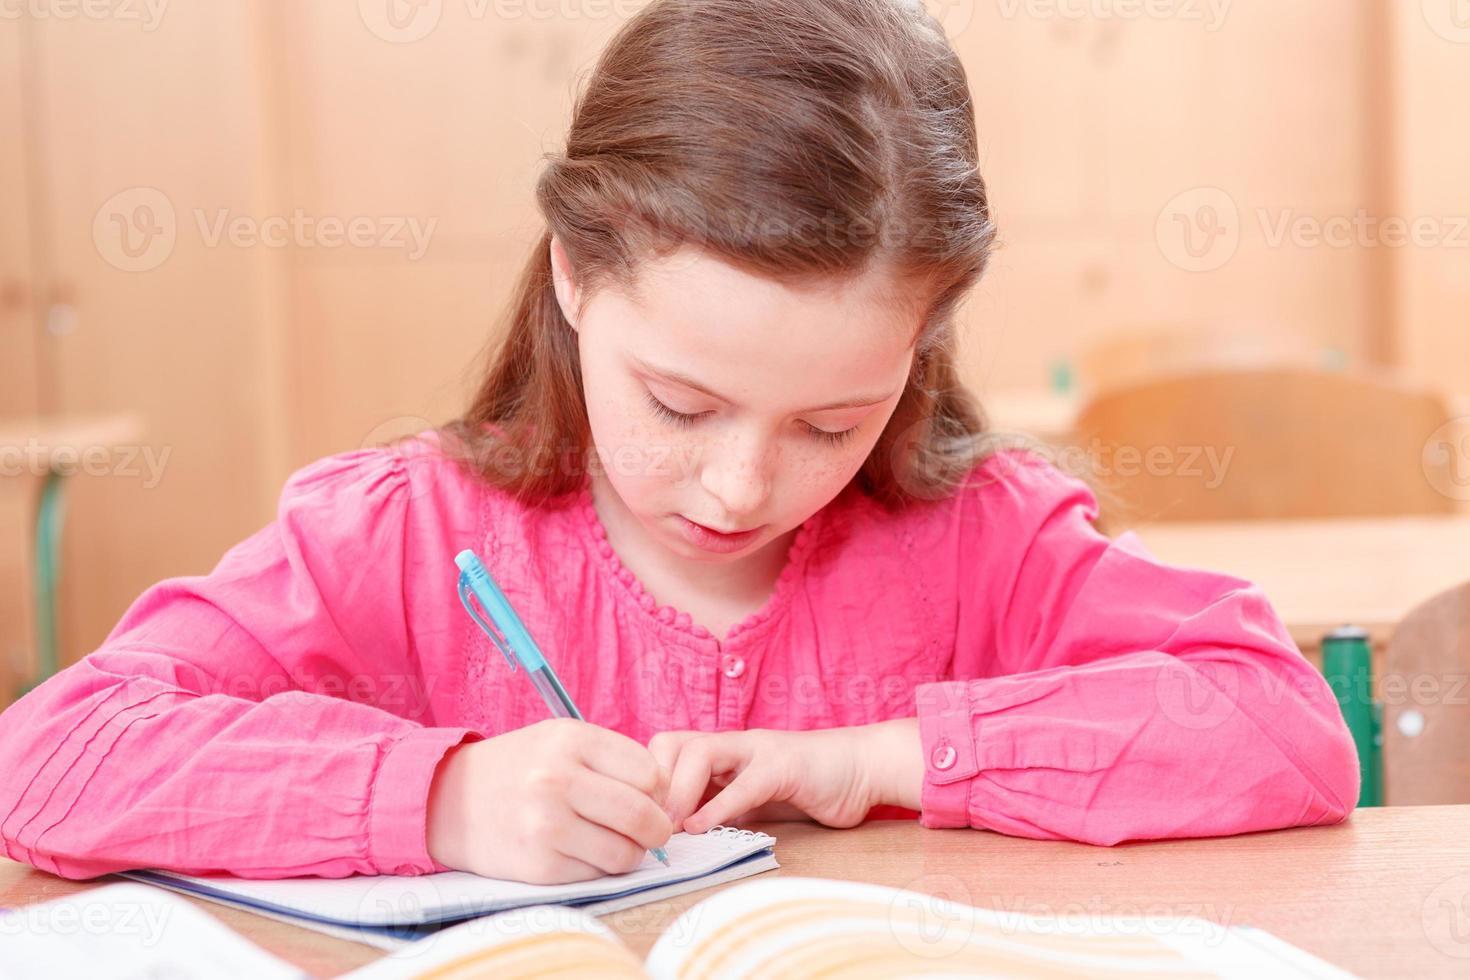 klein meisje schrijven tijdens de lessen foto